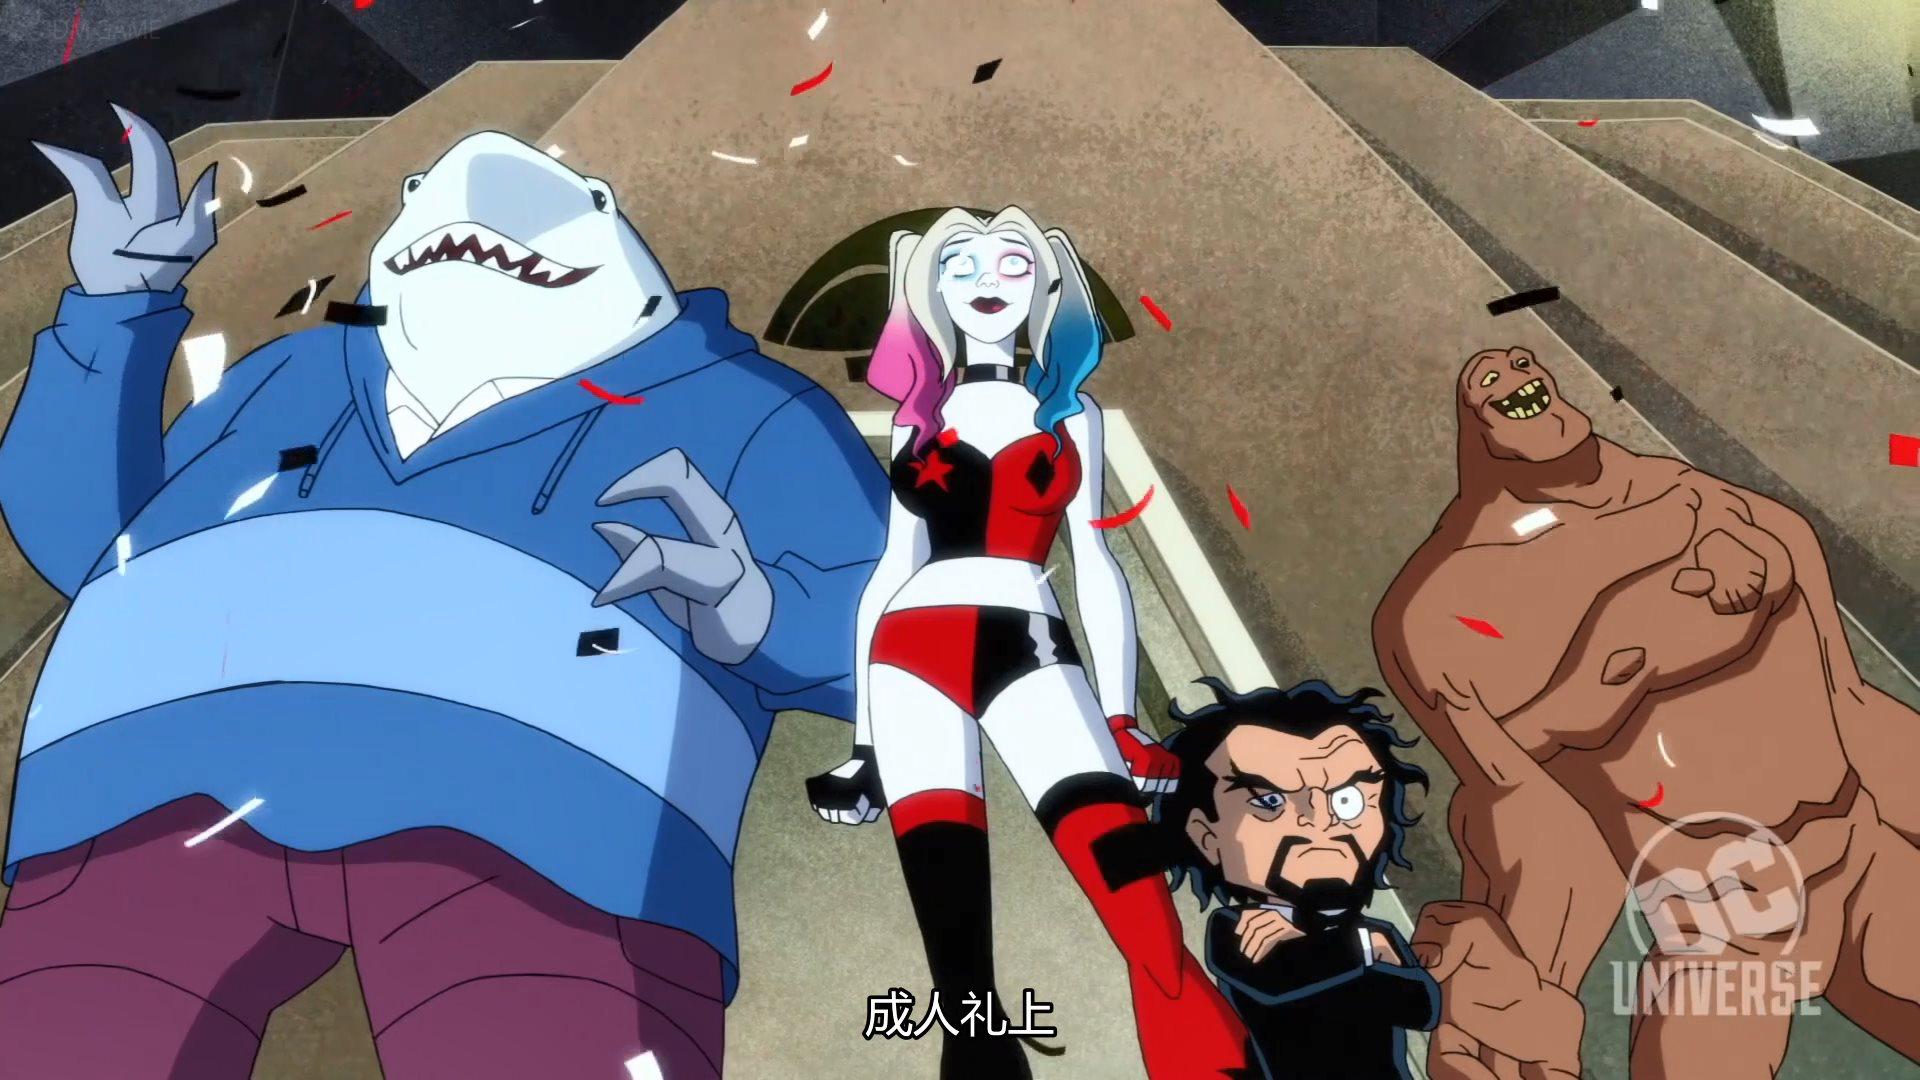 小丑女动画版_DC动画《哈莉·奎茵》完整预告:小丑只爱蝙蝠侠_3DM单机